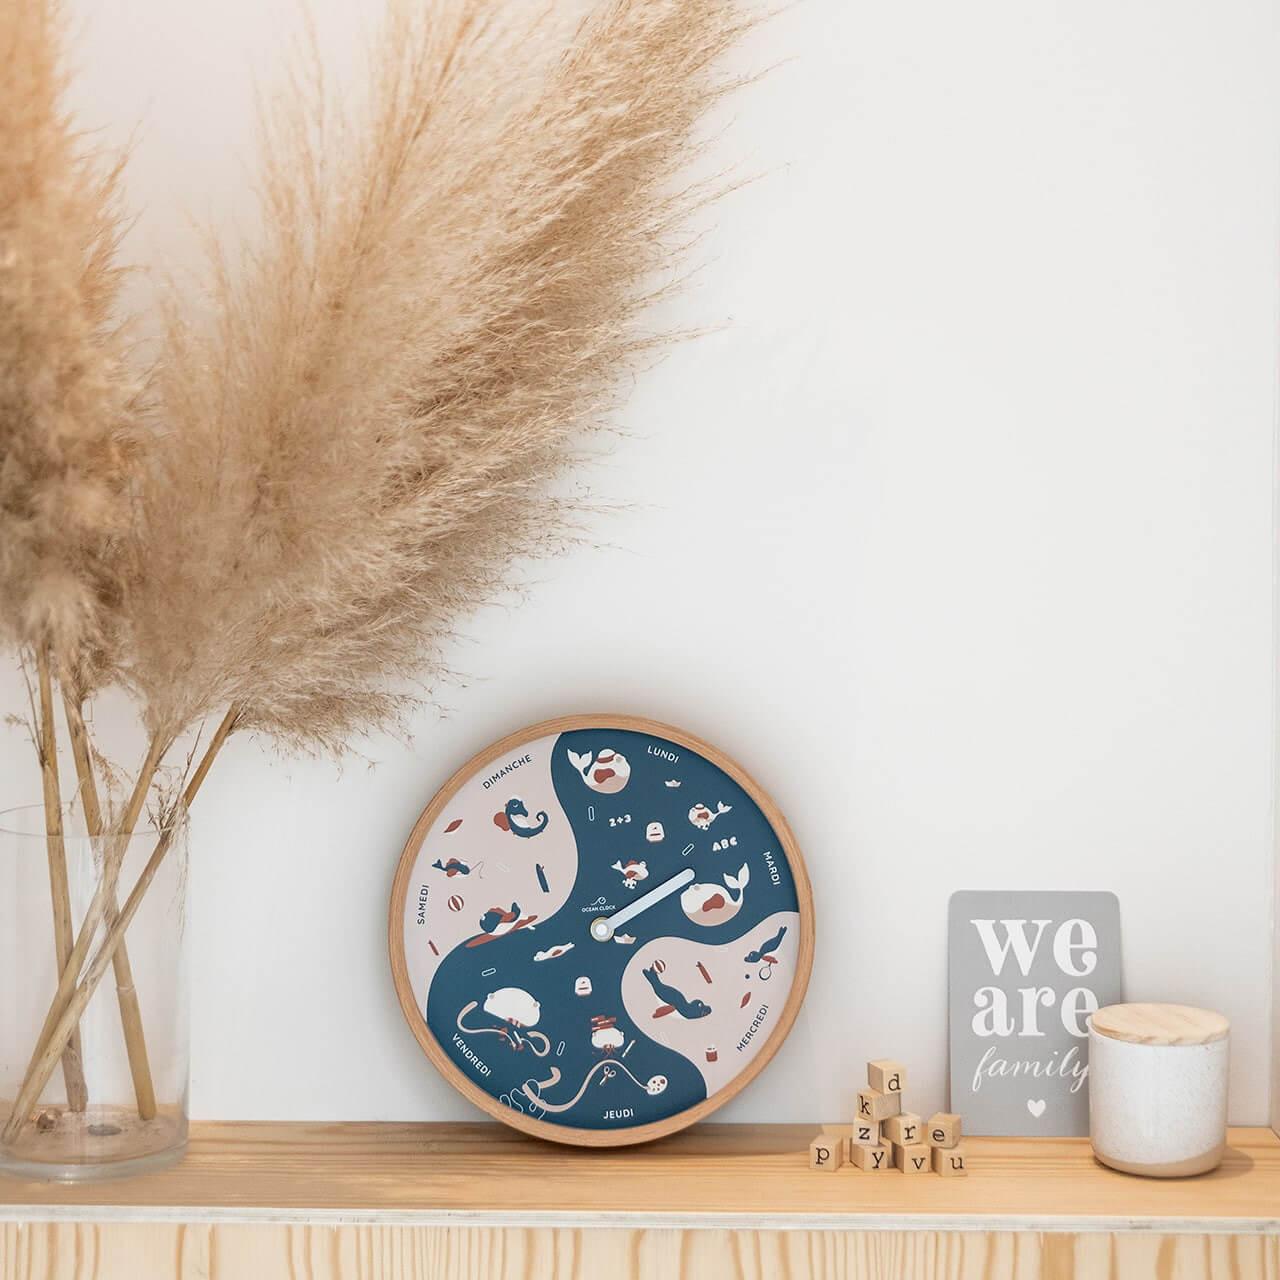 Horloge des marées for kids - 4